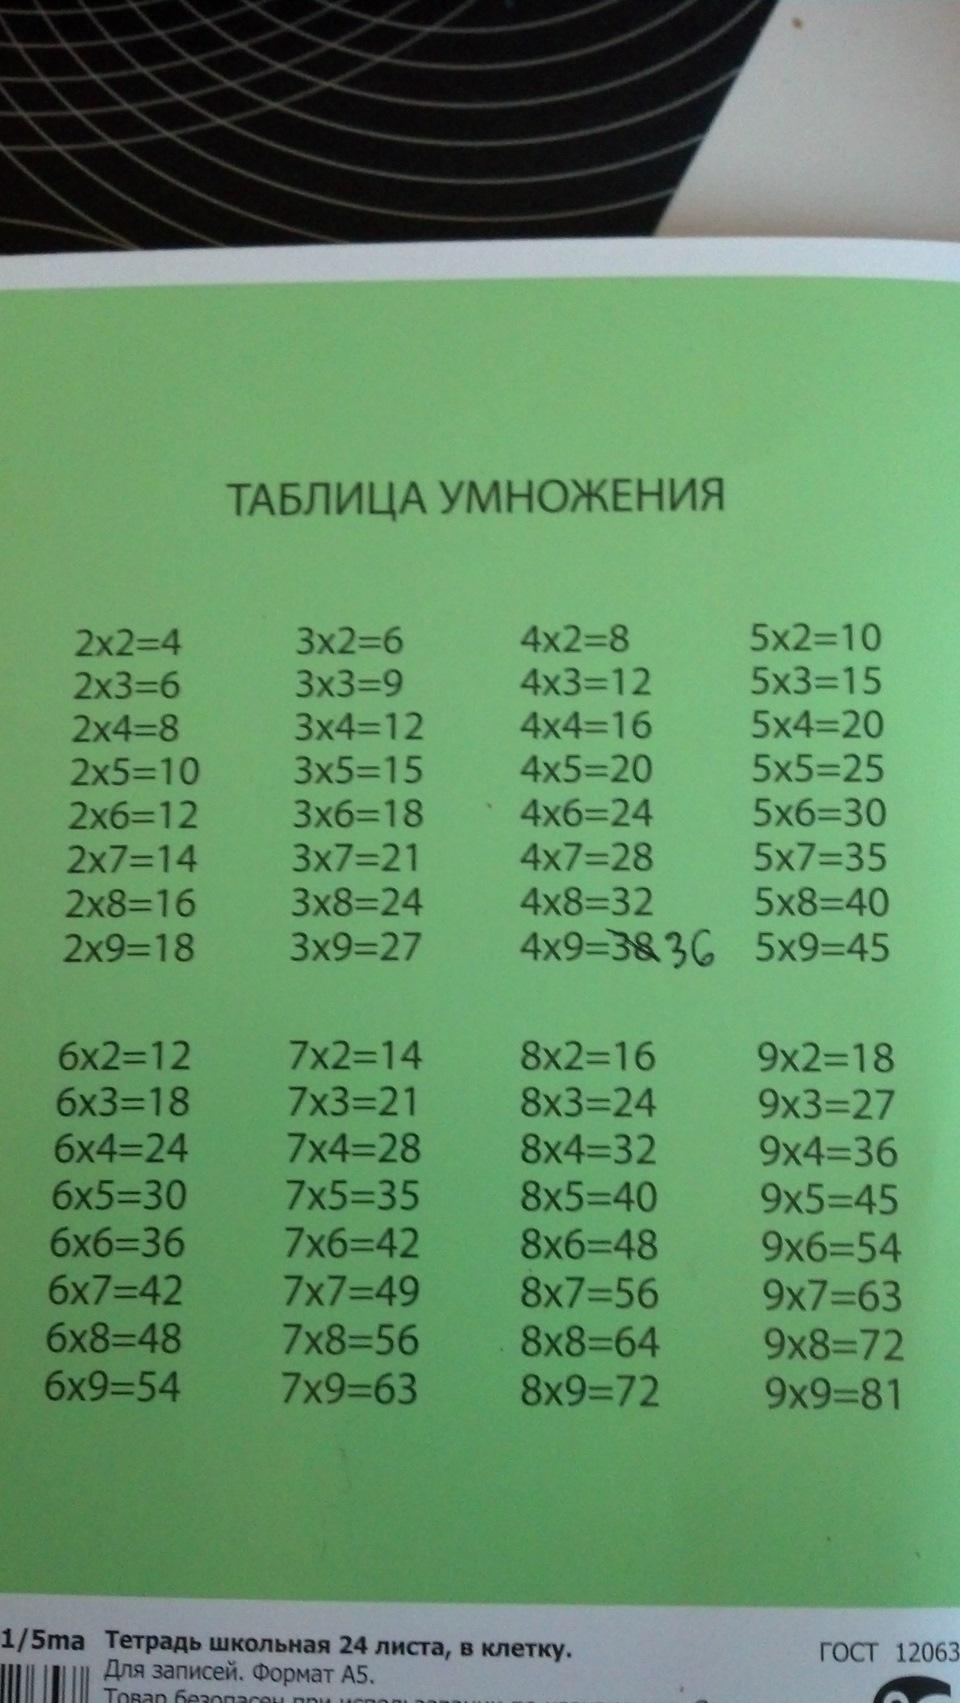 алена таблица умножения фото в хорошем качестве берри также рассказала